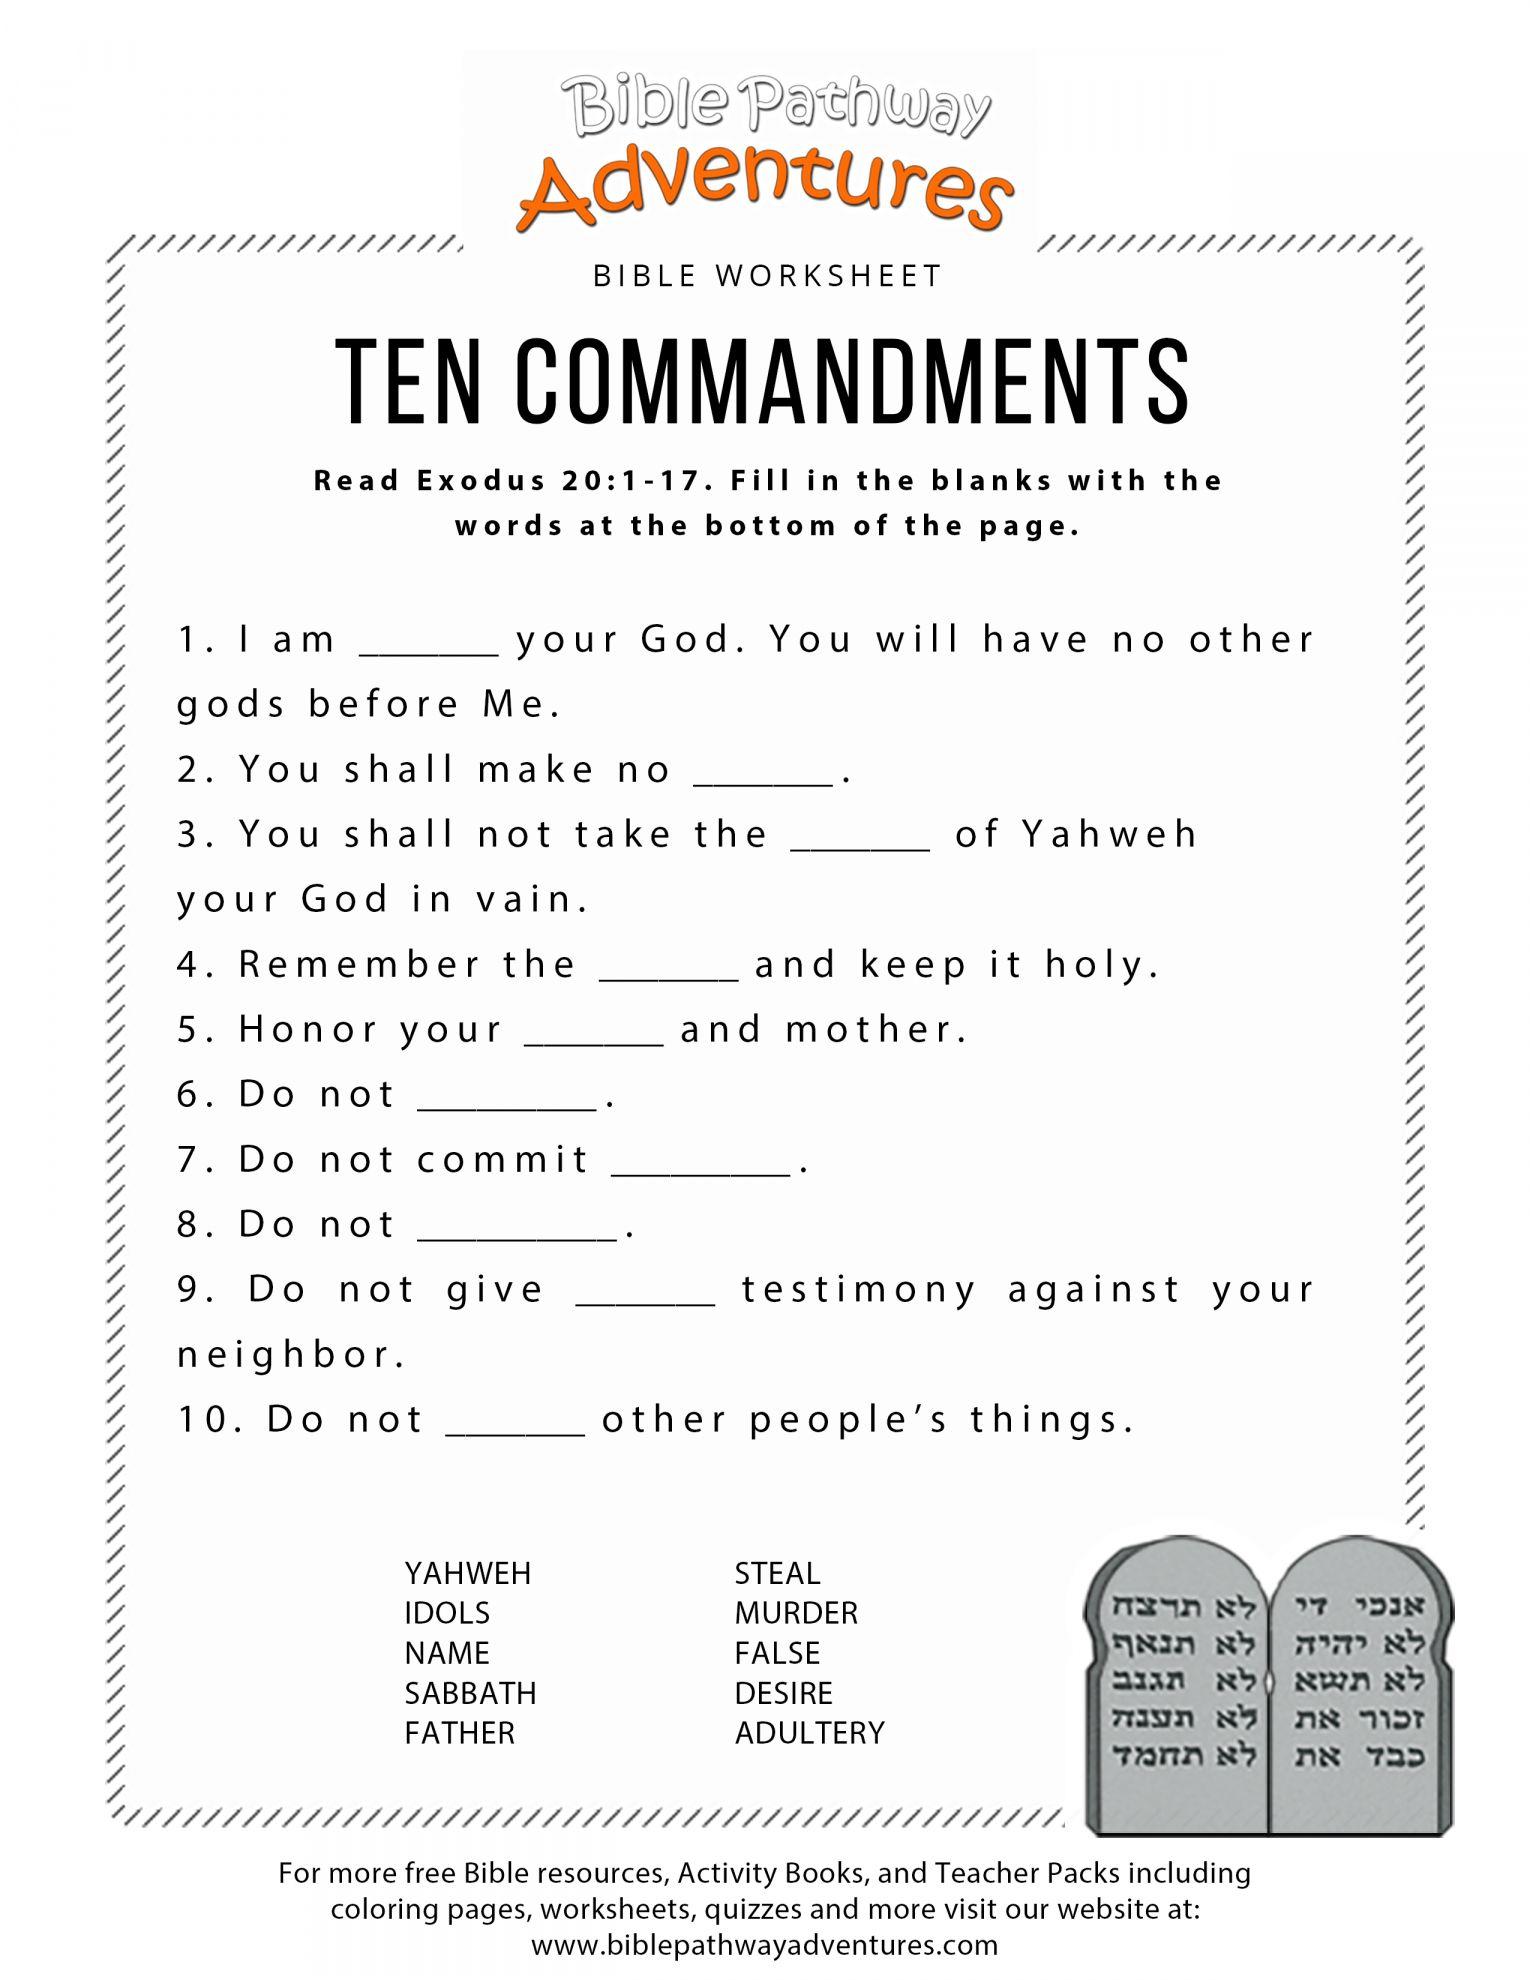 9 Ten Commandments Worksheet For Preschool